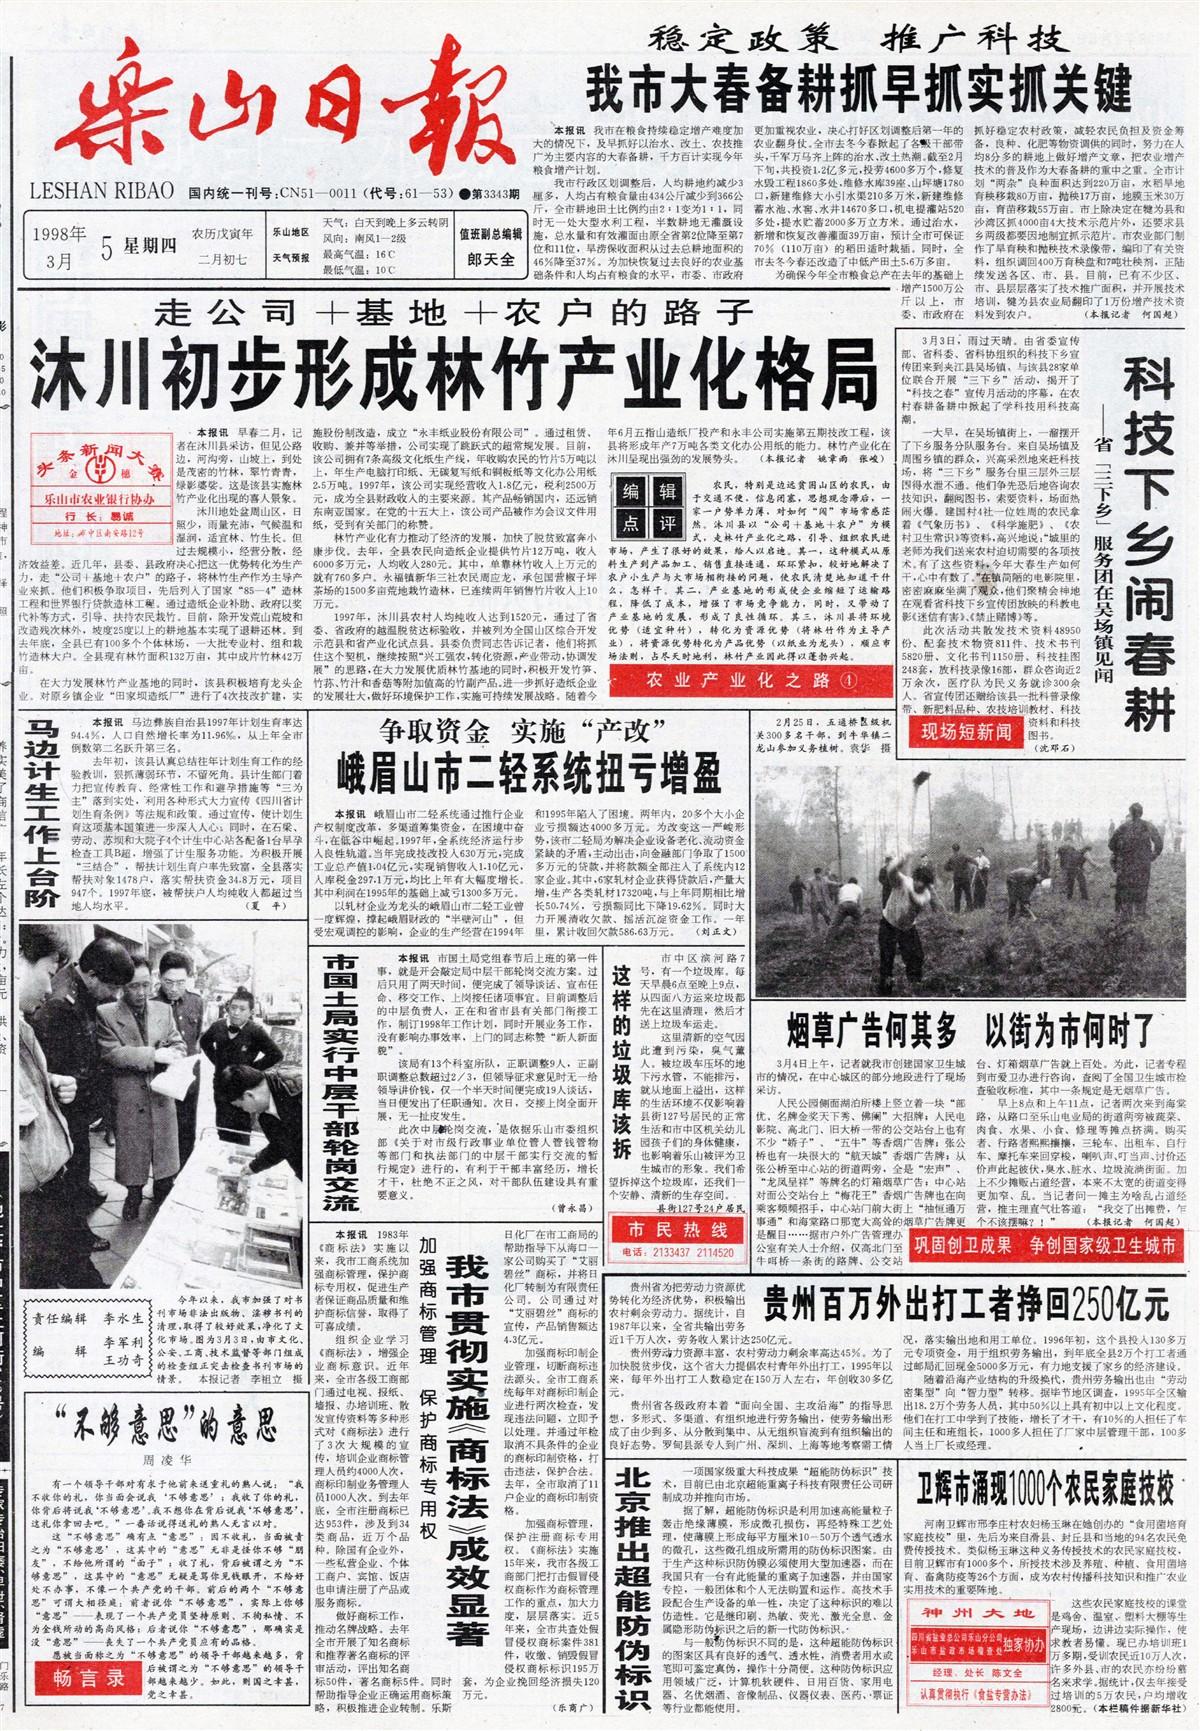 乐山日报要闻